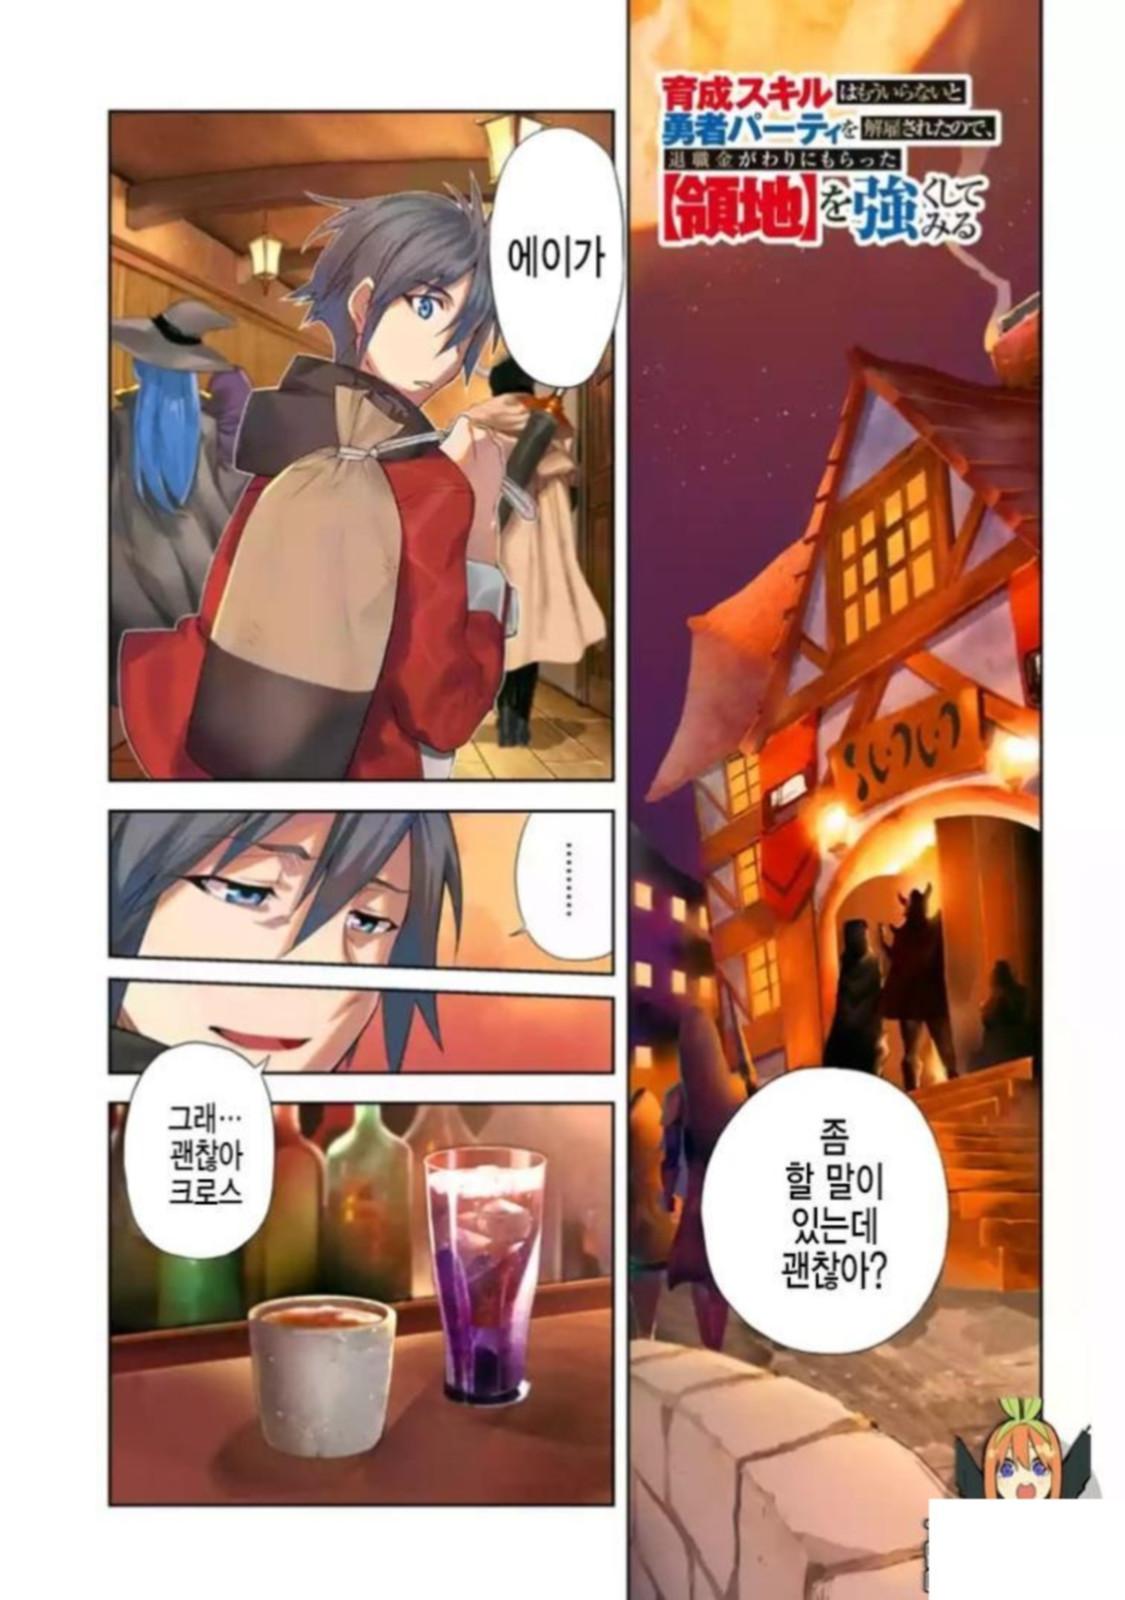 [번역] 육성 스킬은 이제 필요 없다고 용사 파티에서 해고당했기 때문에 1-16.3